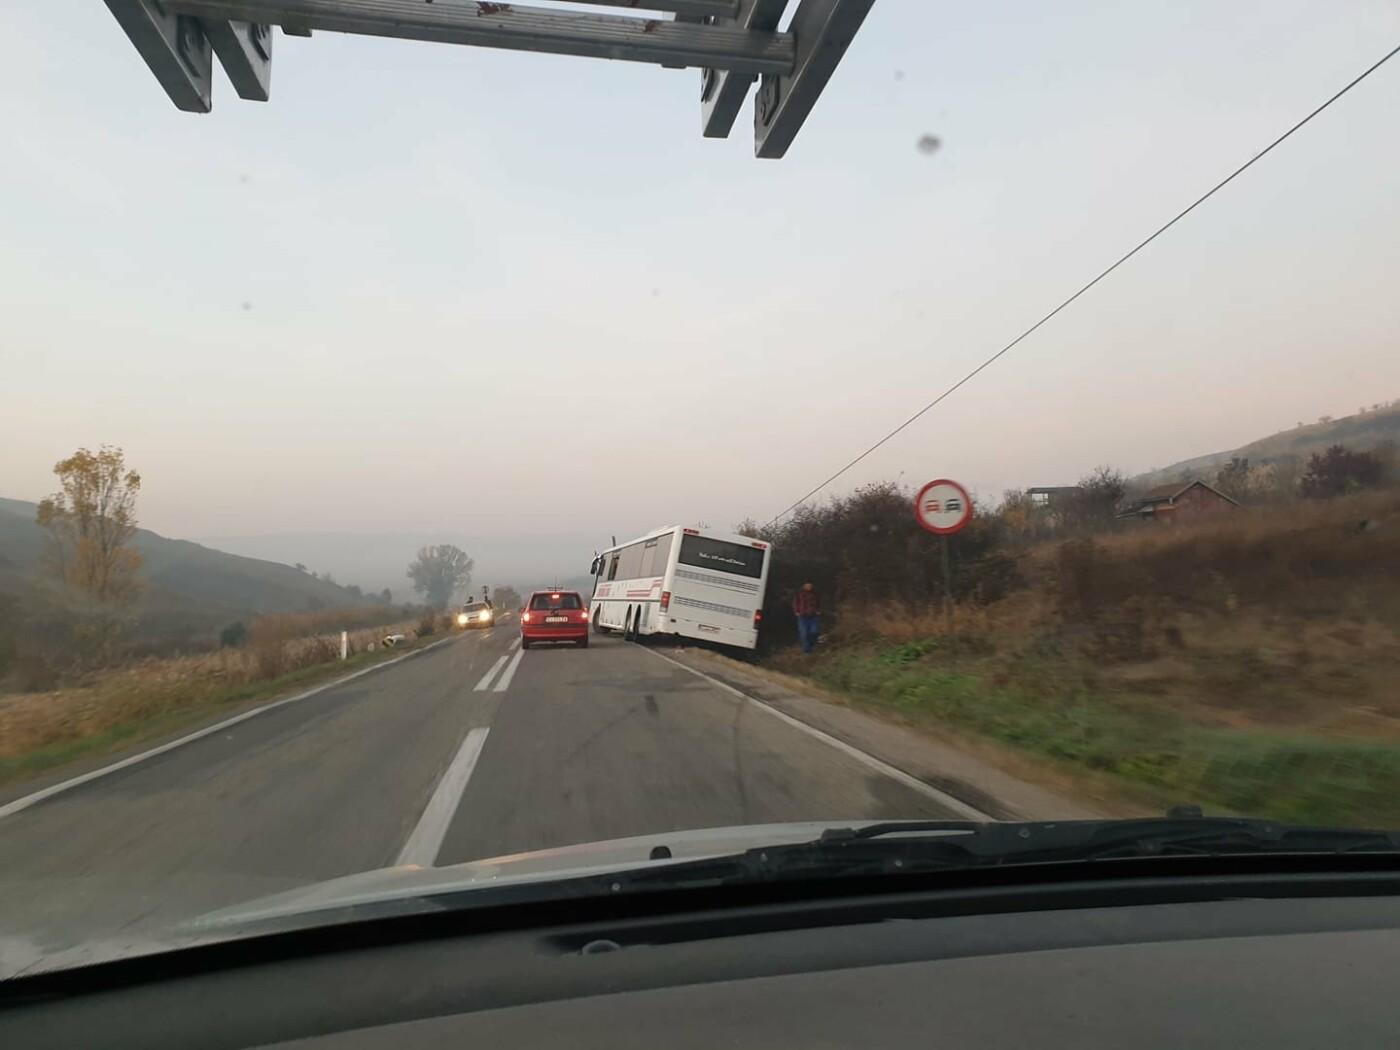 46 пассажиров внутри: автобус Одесса-Греция попал в ДТП в Румунии